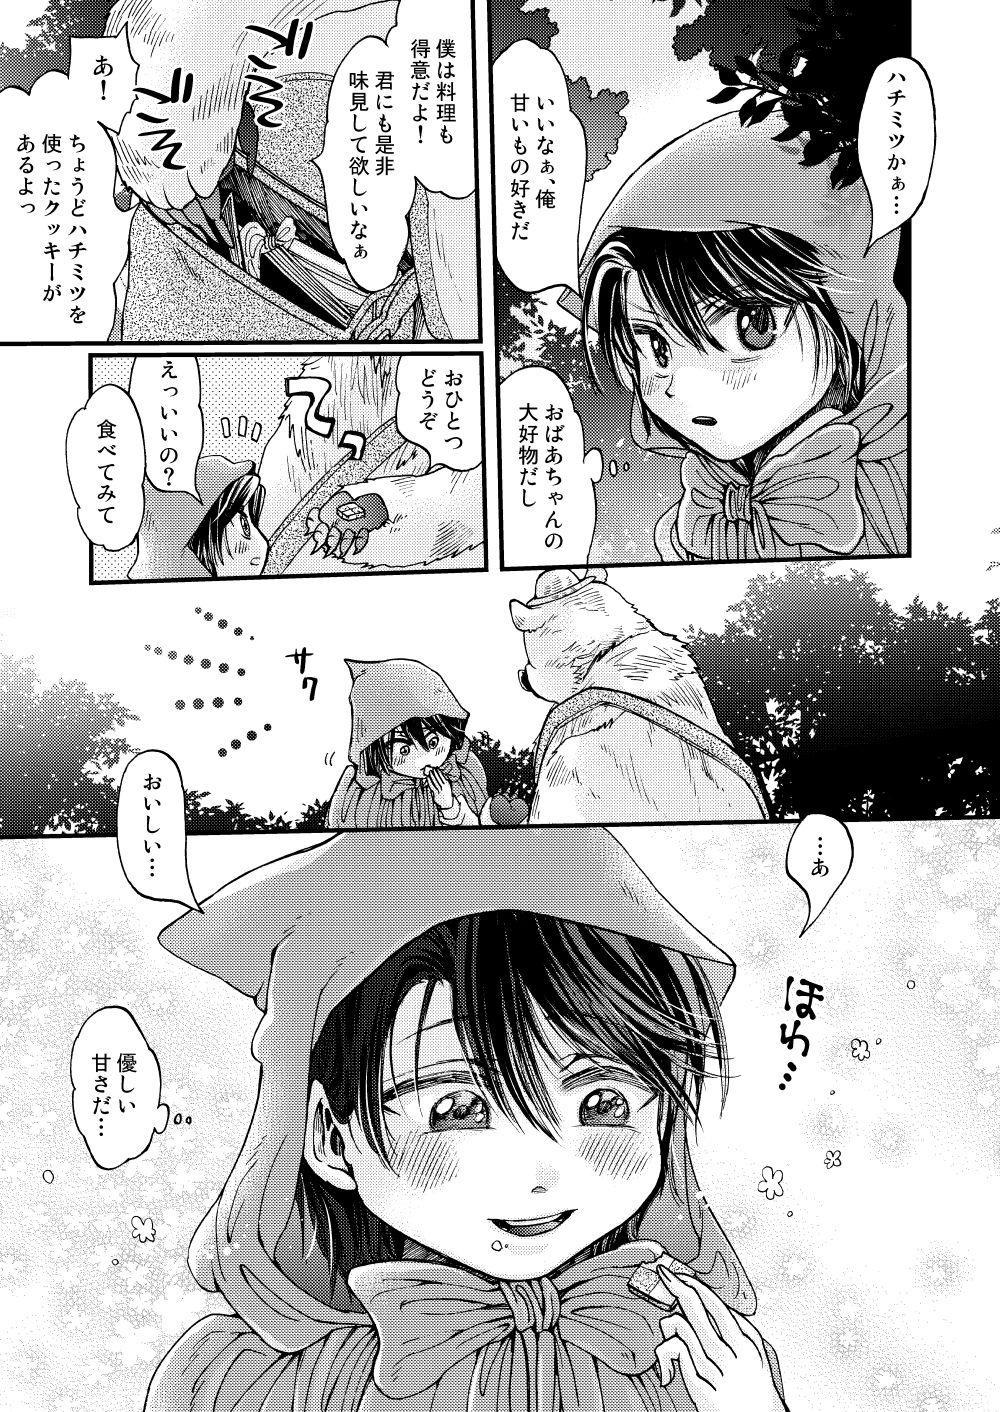 Mori no Kuma-san ni Aisare Sugite Mofu Mofu 10